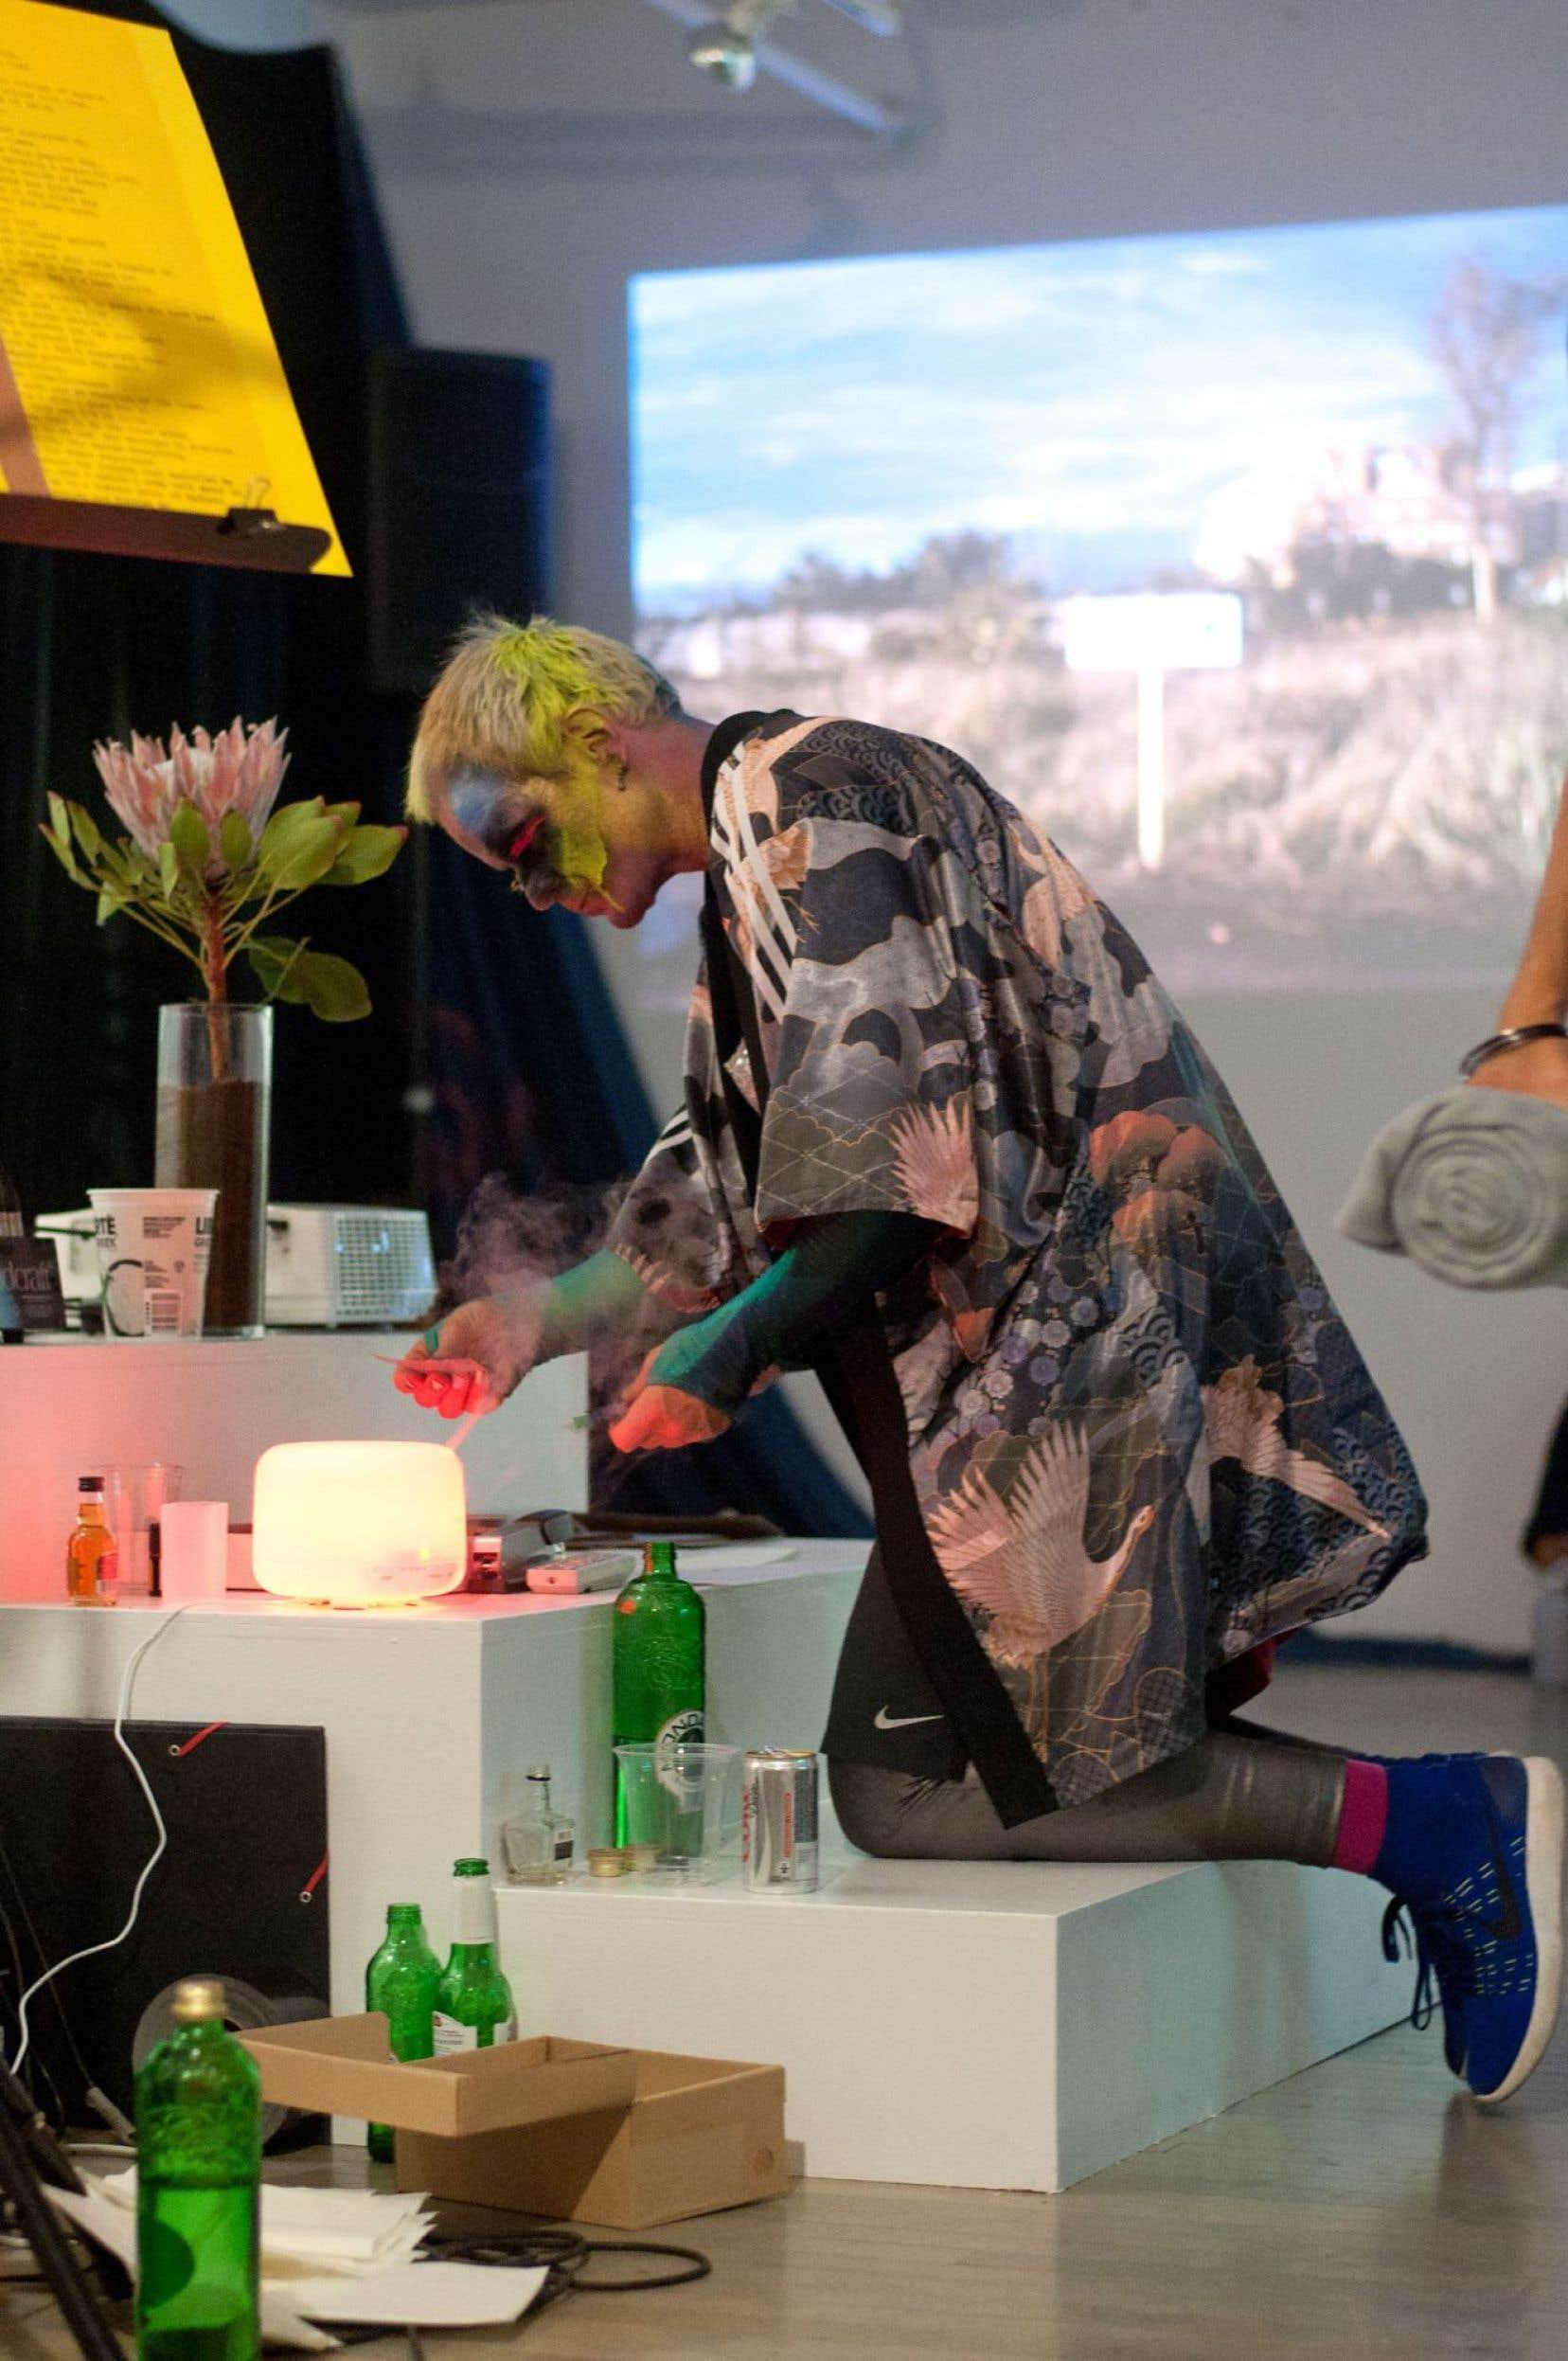 La performance «Sticky Stage», par le duo Discoteca Flaming Star, a été présentée à la galerie SBC.